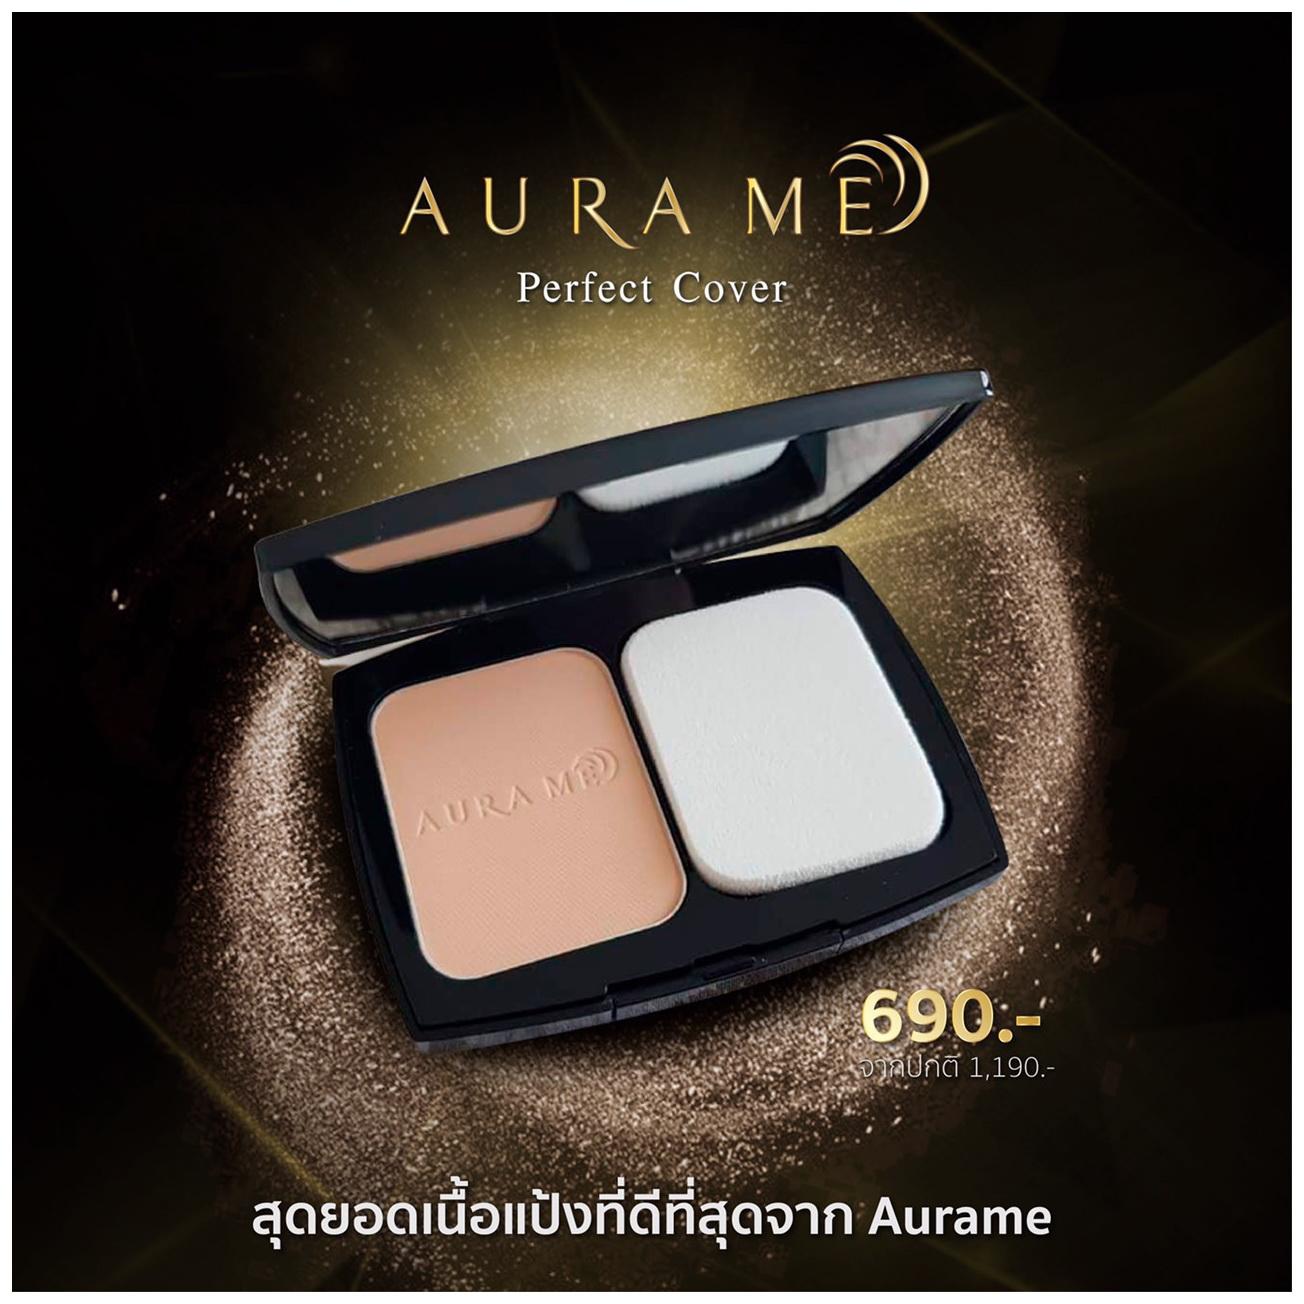 แป้งพับออร่ามี Aura Me Perfect Cover ราคา 3 ตลับ ตลับละ 570 บาท/6 ตลับ ตลับละ 560 บาท ขายเครื่องสำอาง อาหารเสริม ครีม ราคาถูก ของแท้100% ปลีก-ส่ง